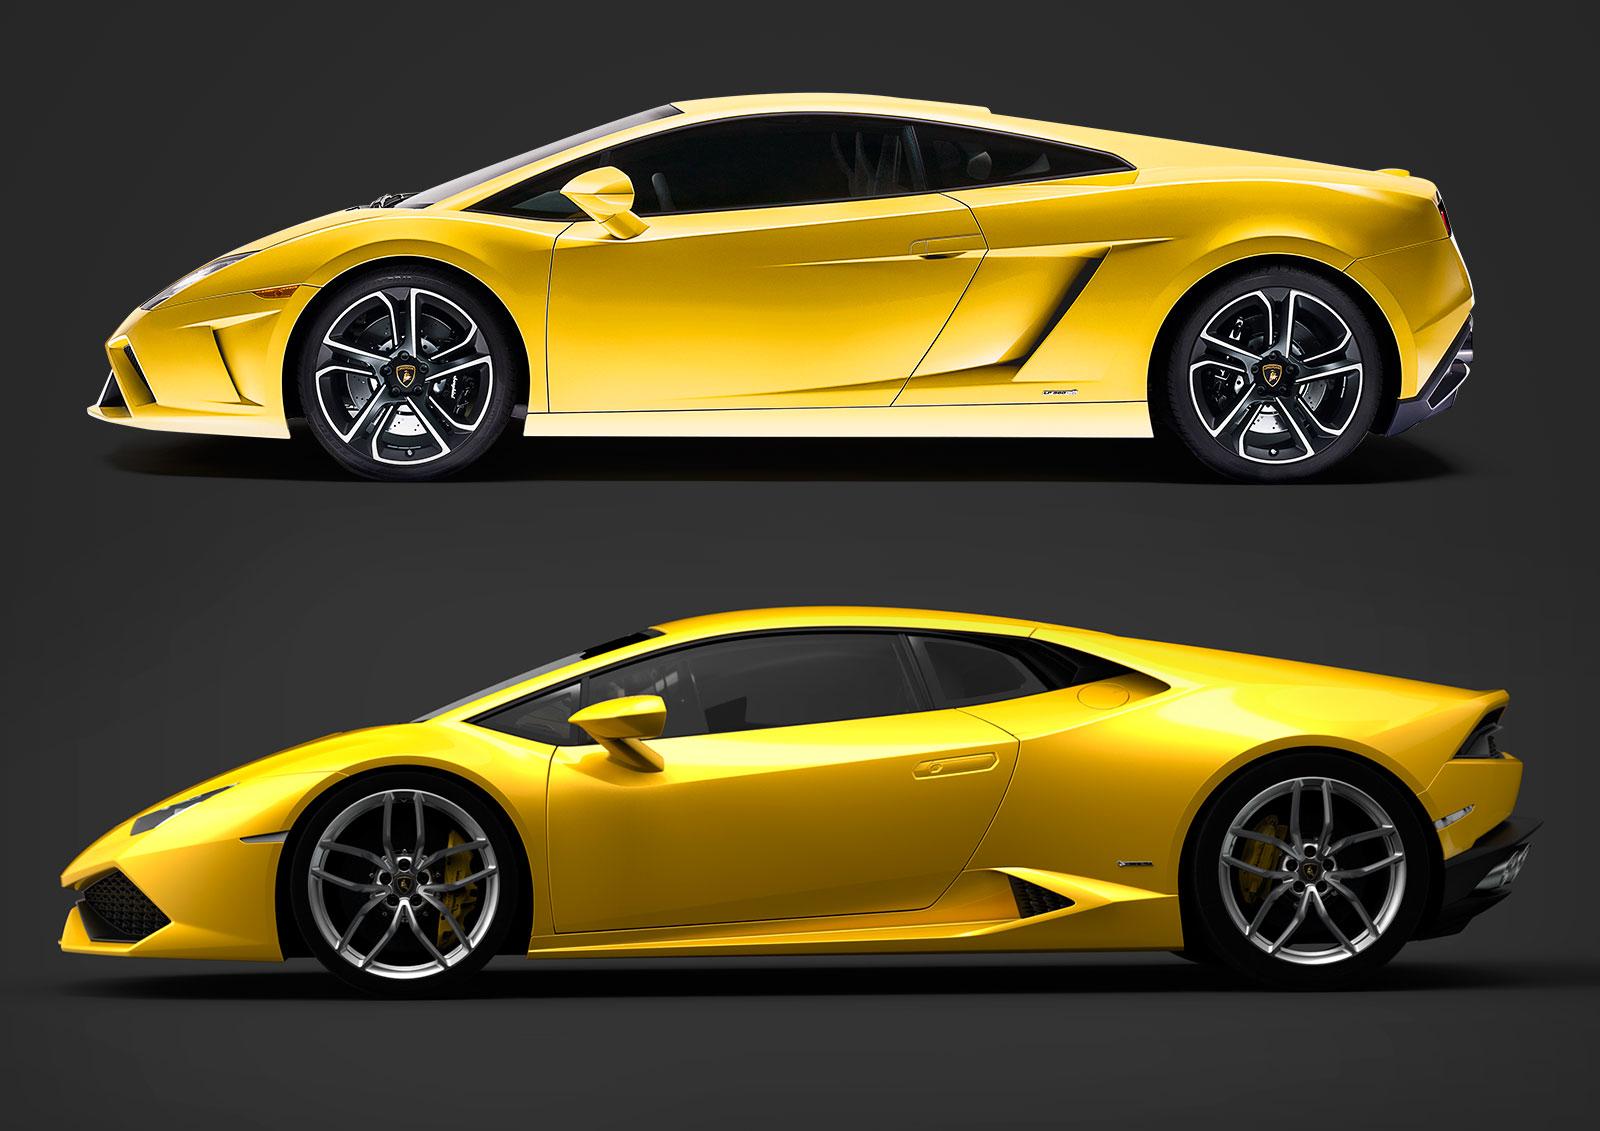 Lamborghini Gallardo And Huracan Design Comparison Car Body Design